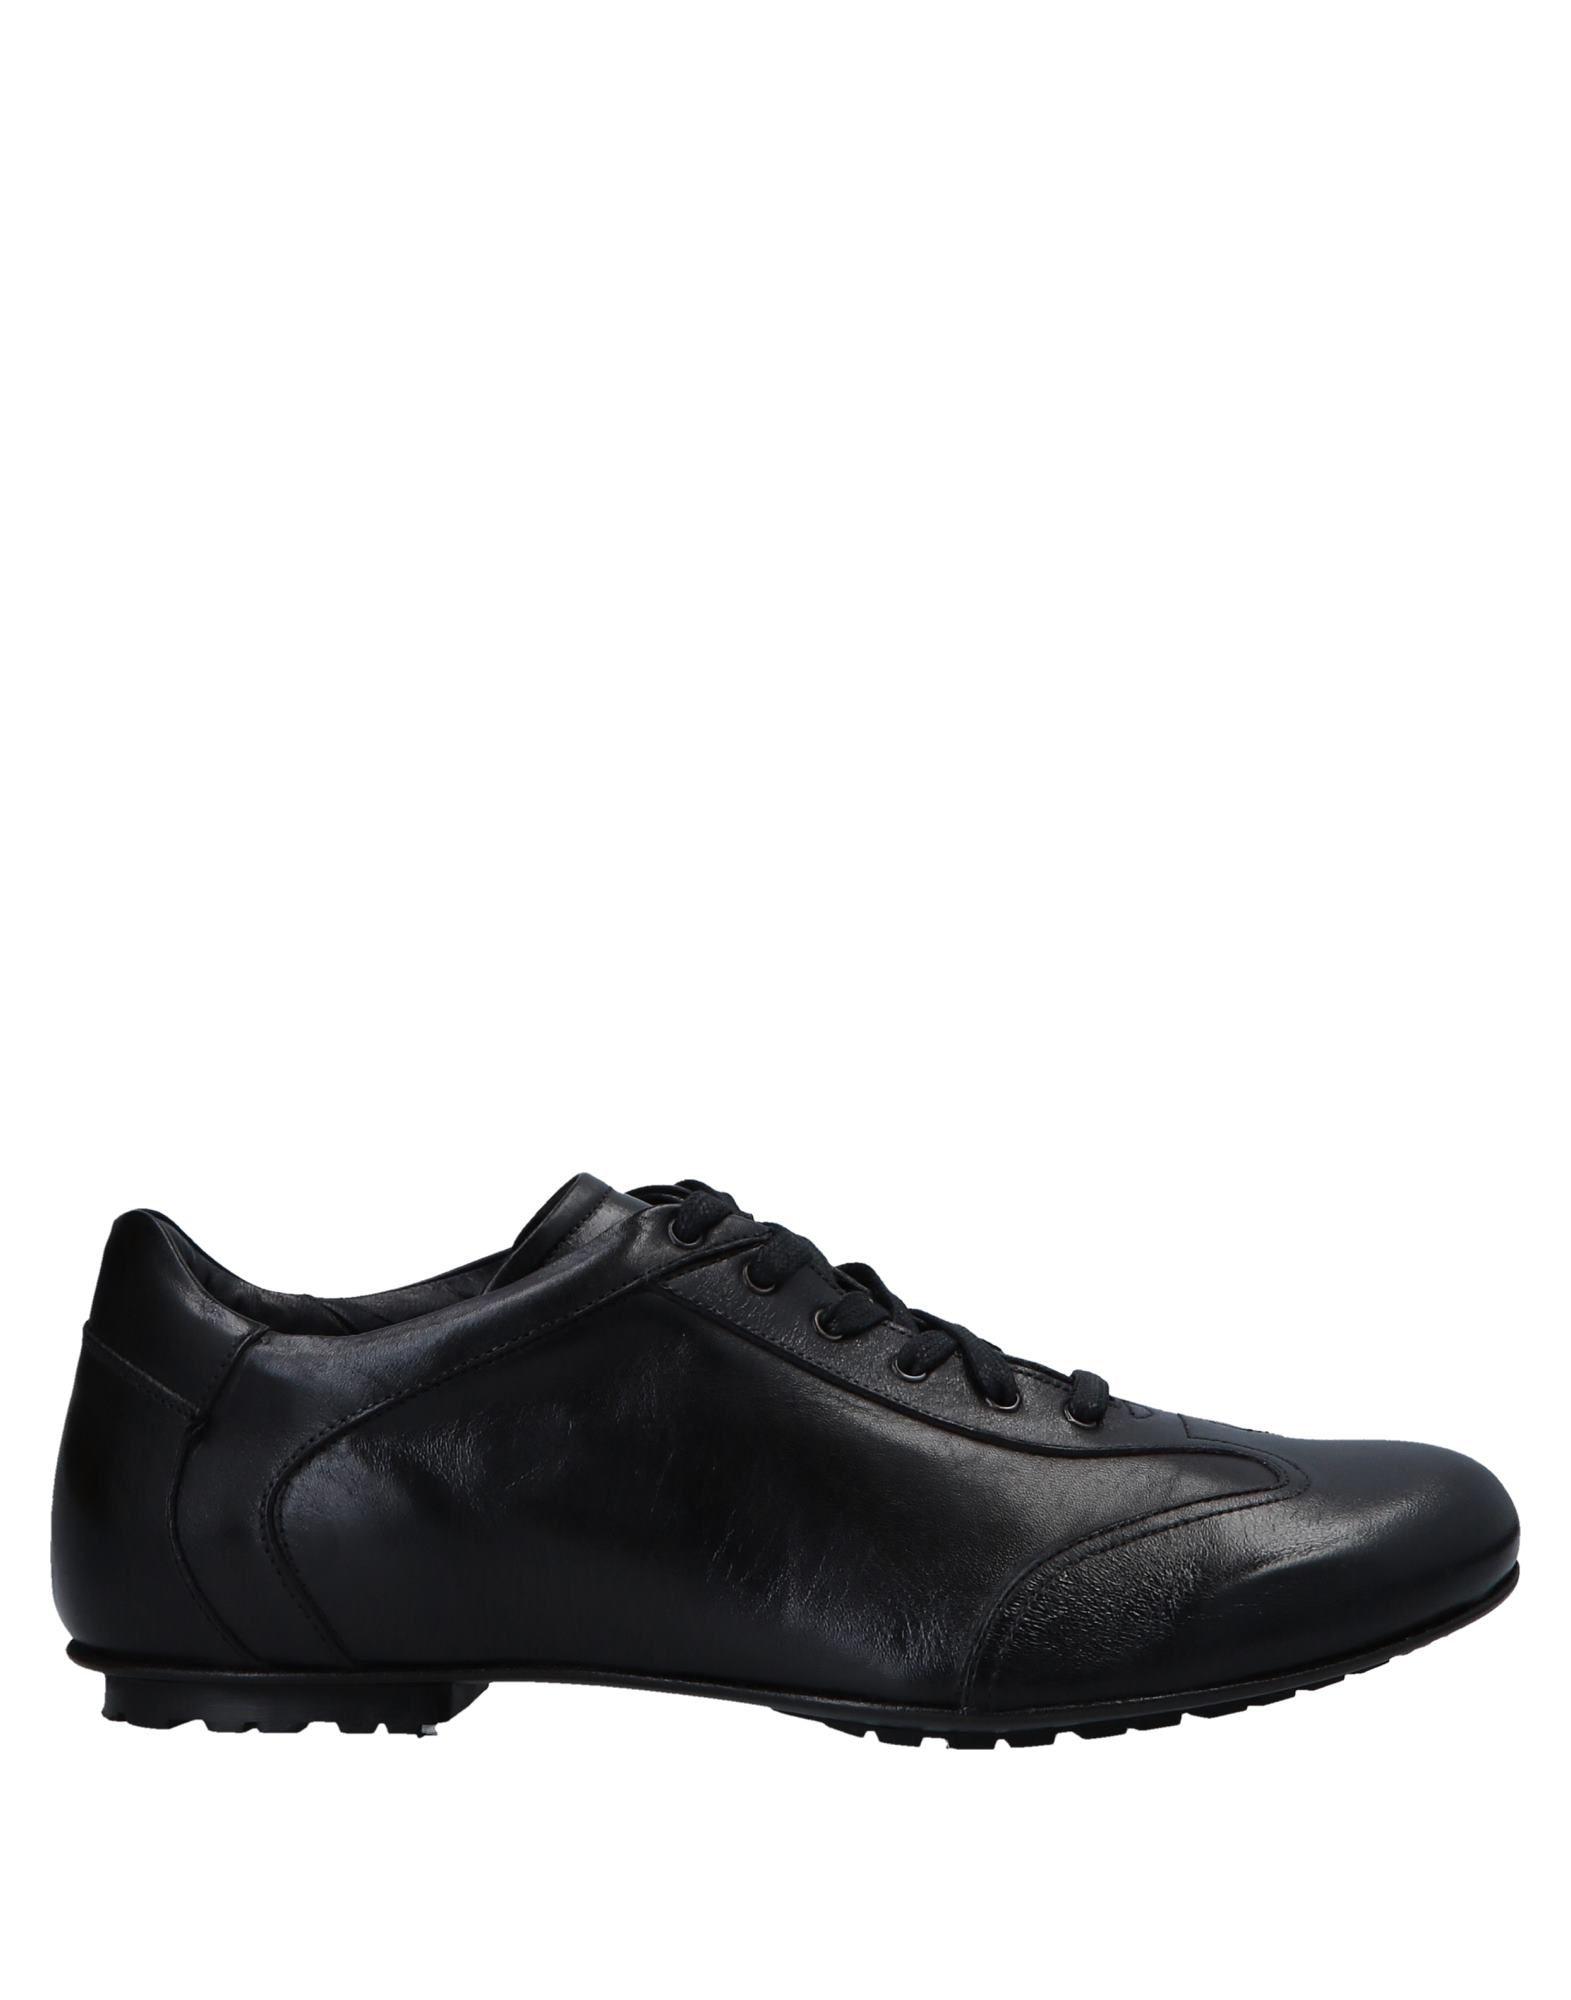 Sneakers Baldinini Uomo - 11552502XG Scarpe economiche e buone